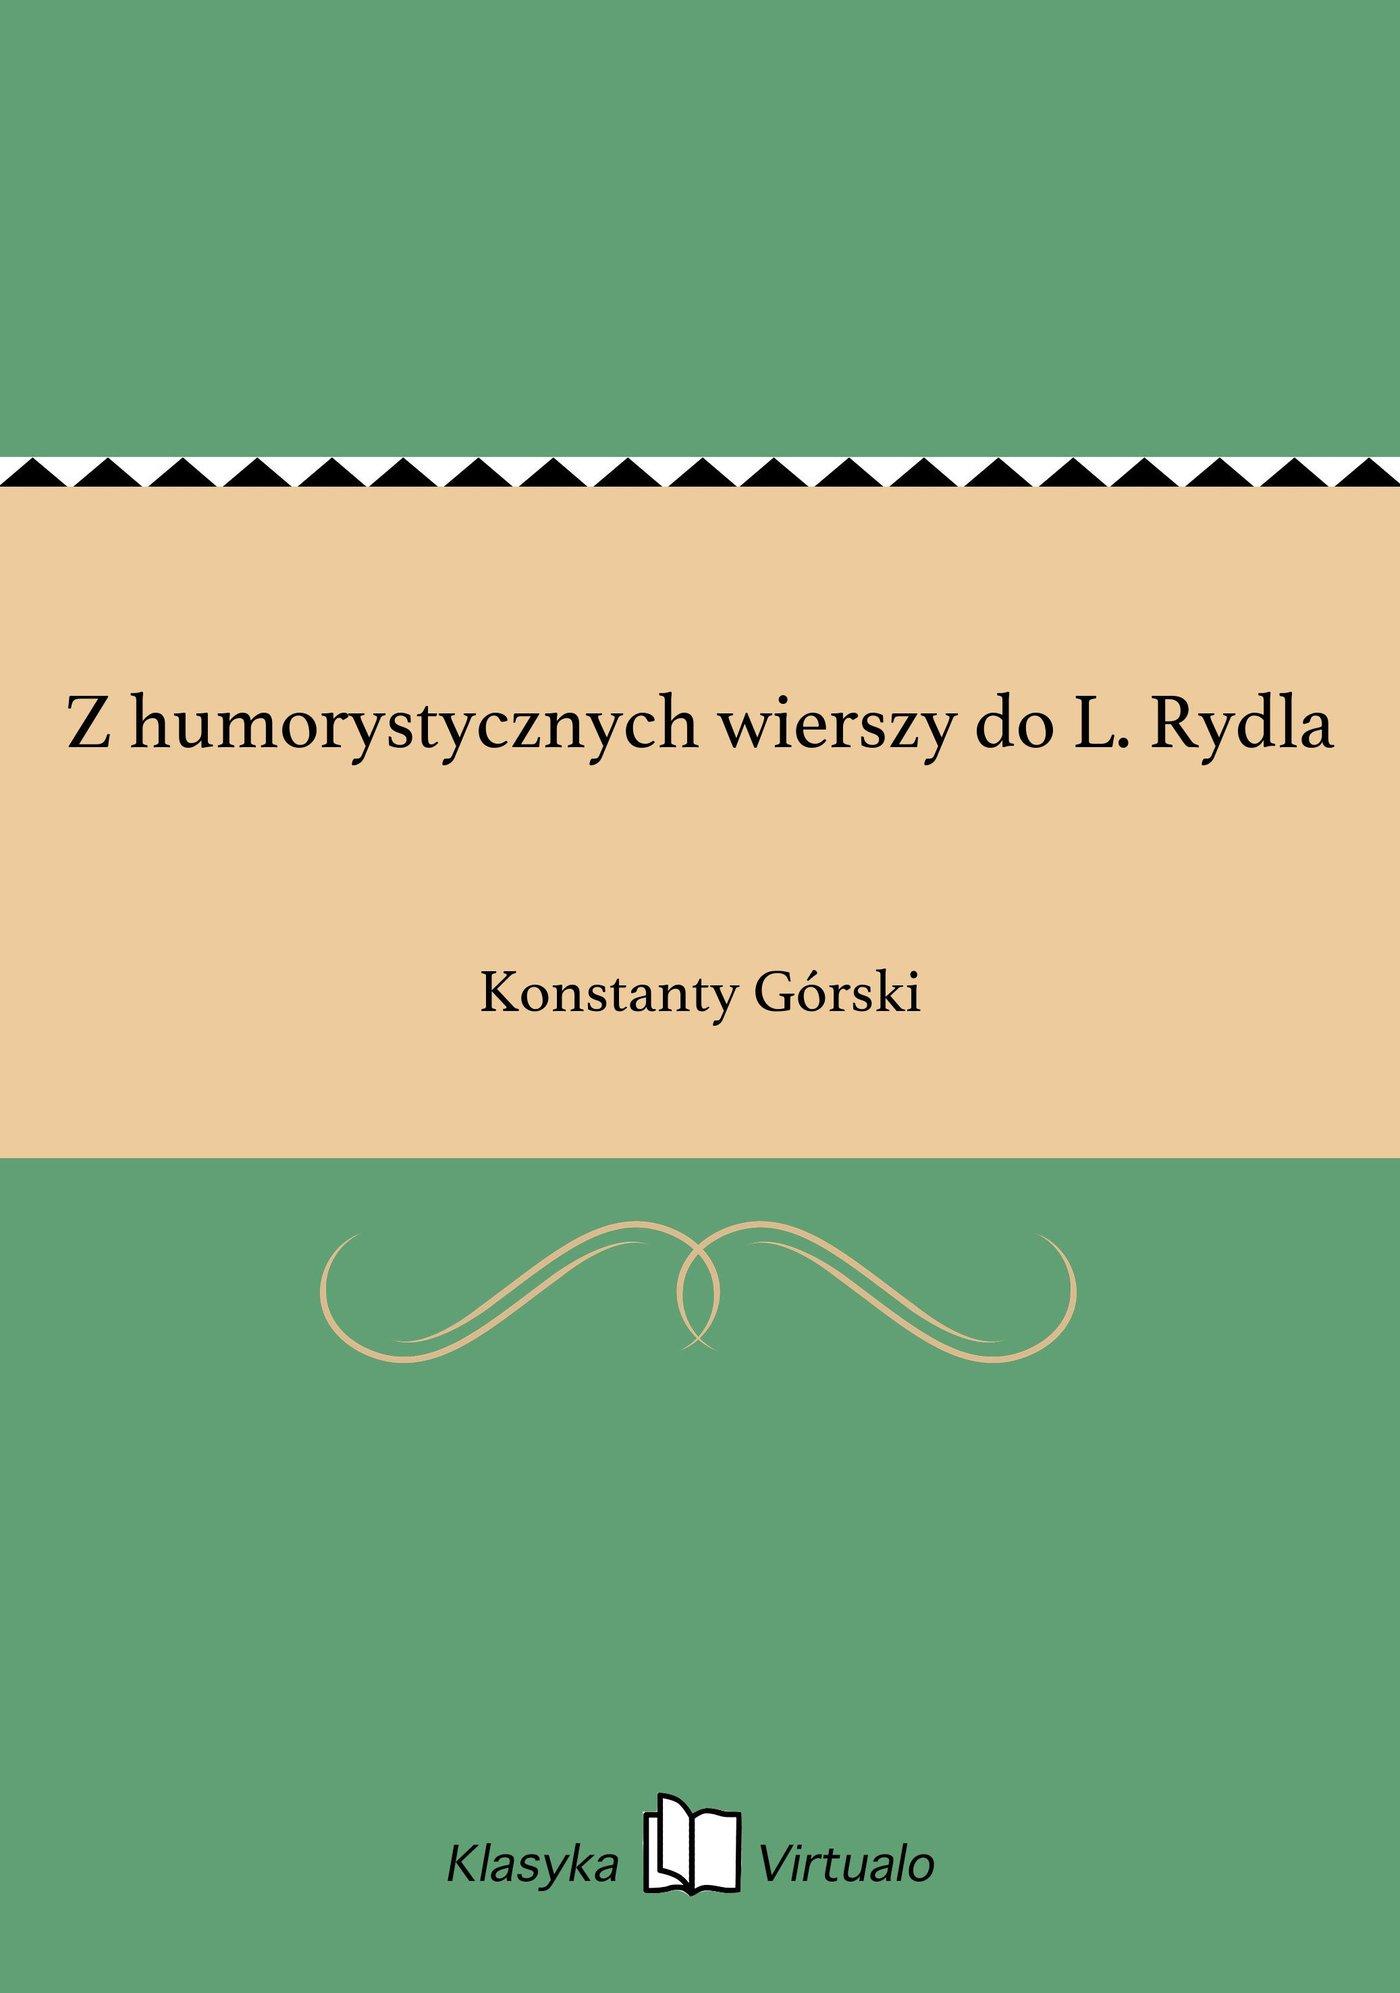 Z humorystycznych wierszy do L. Rydla - Ebook (Książka EPUB) do pobrania w formacie EPUB